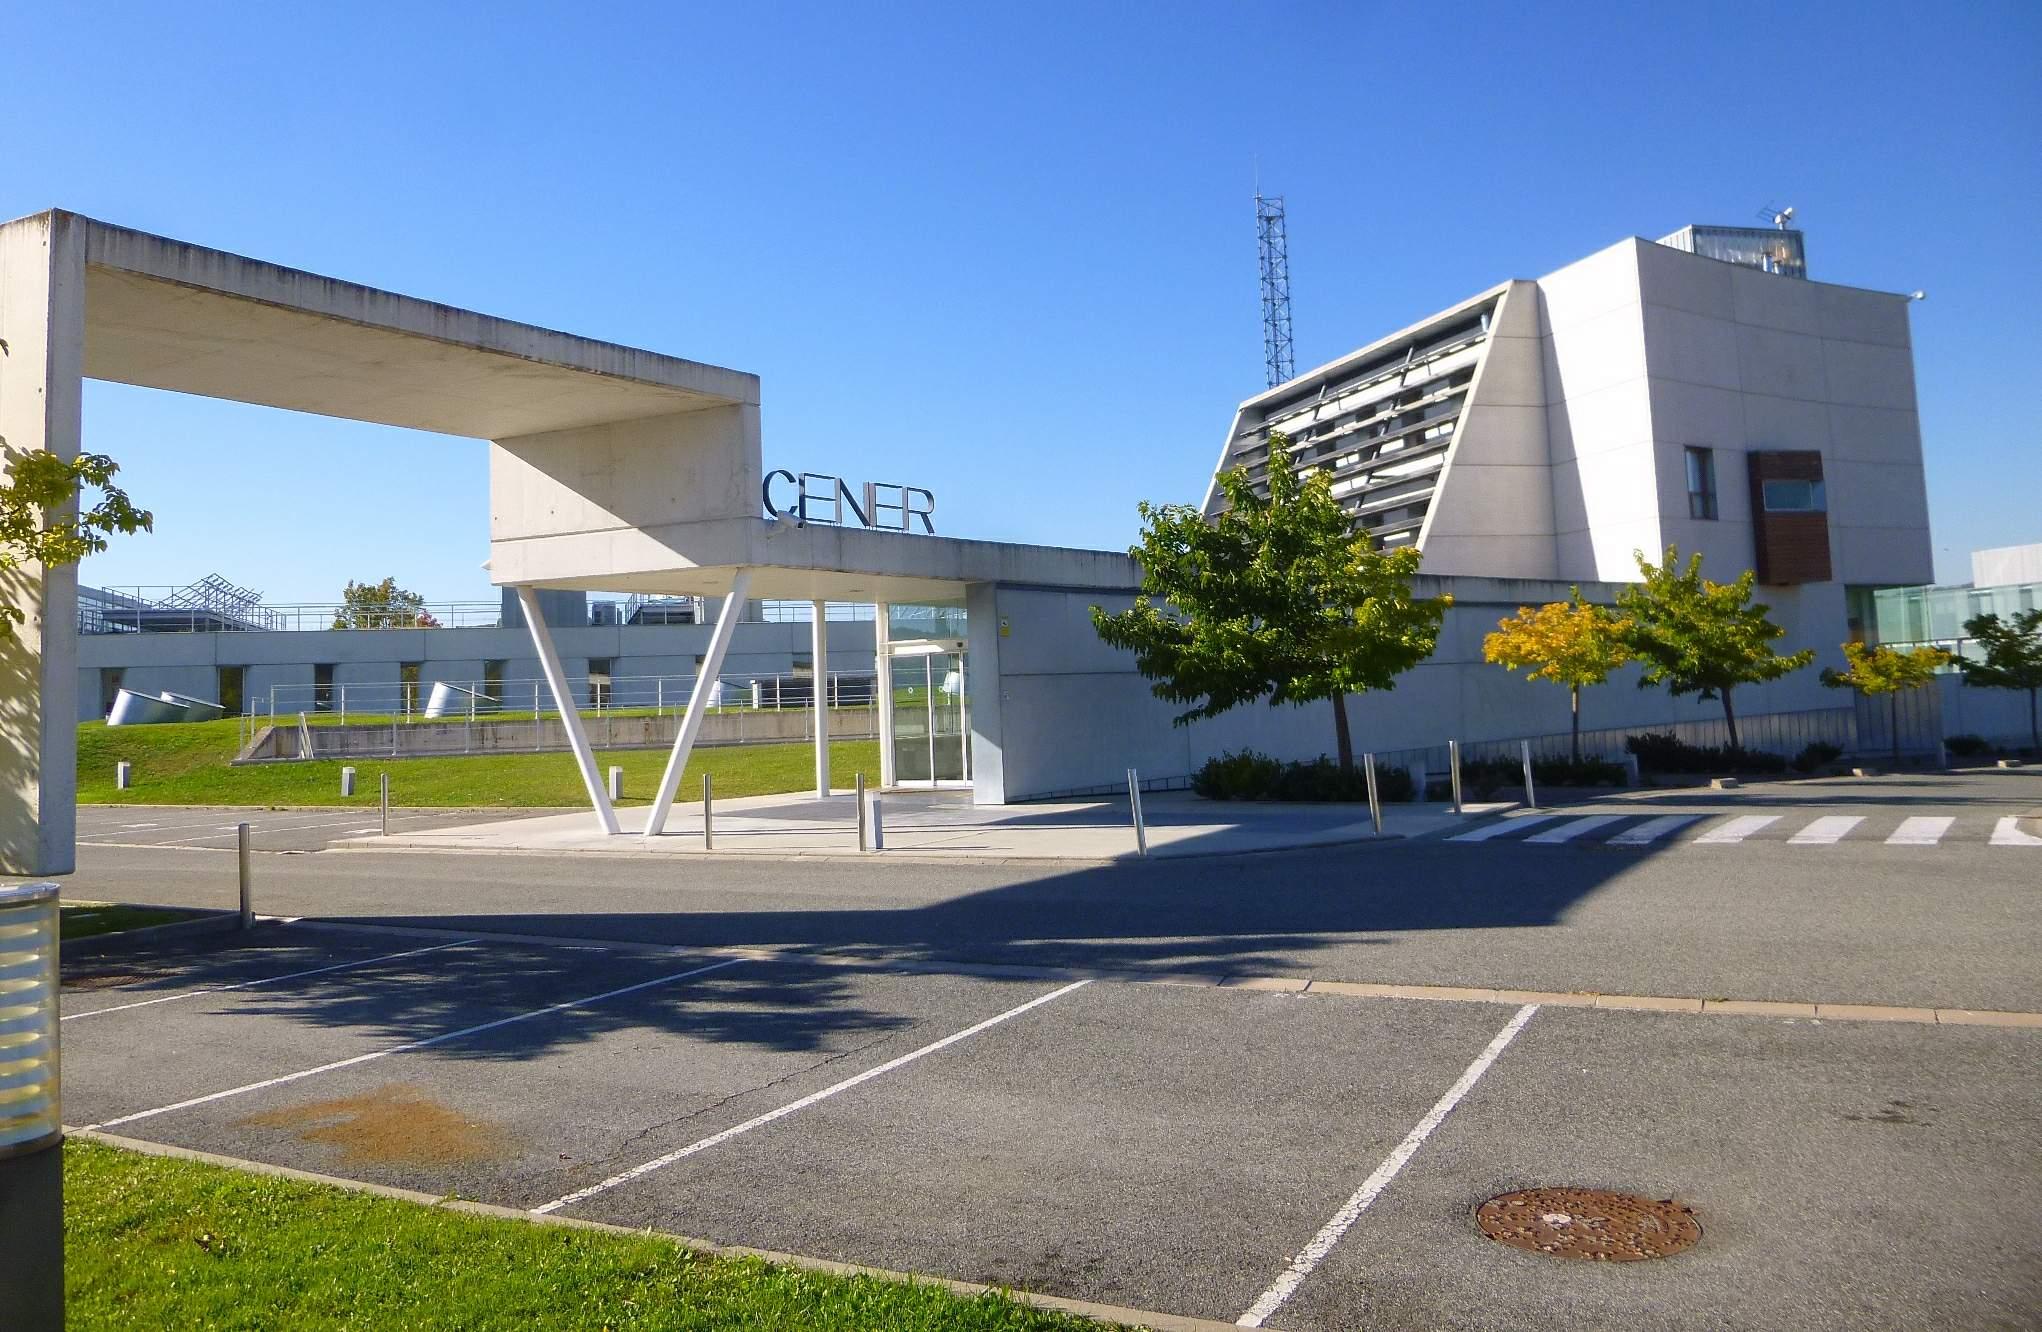 Navarra-Enclave Energía y Medio Ambiente, Centro Nacional de Energías Renovables (CENER) 3.jpg Español: Sarriguren (Egüés) - Parque de la Innovación de